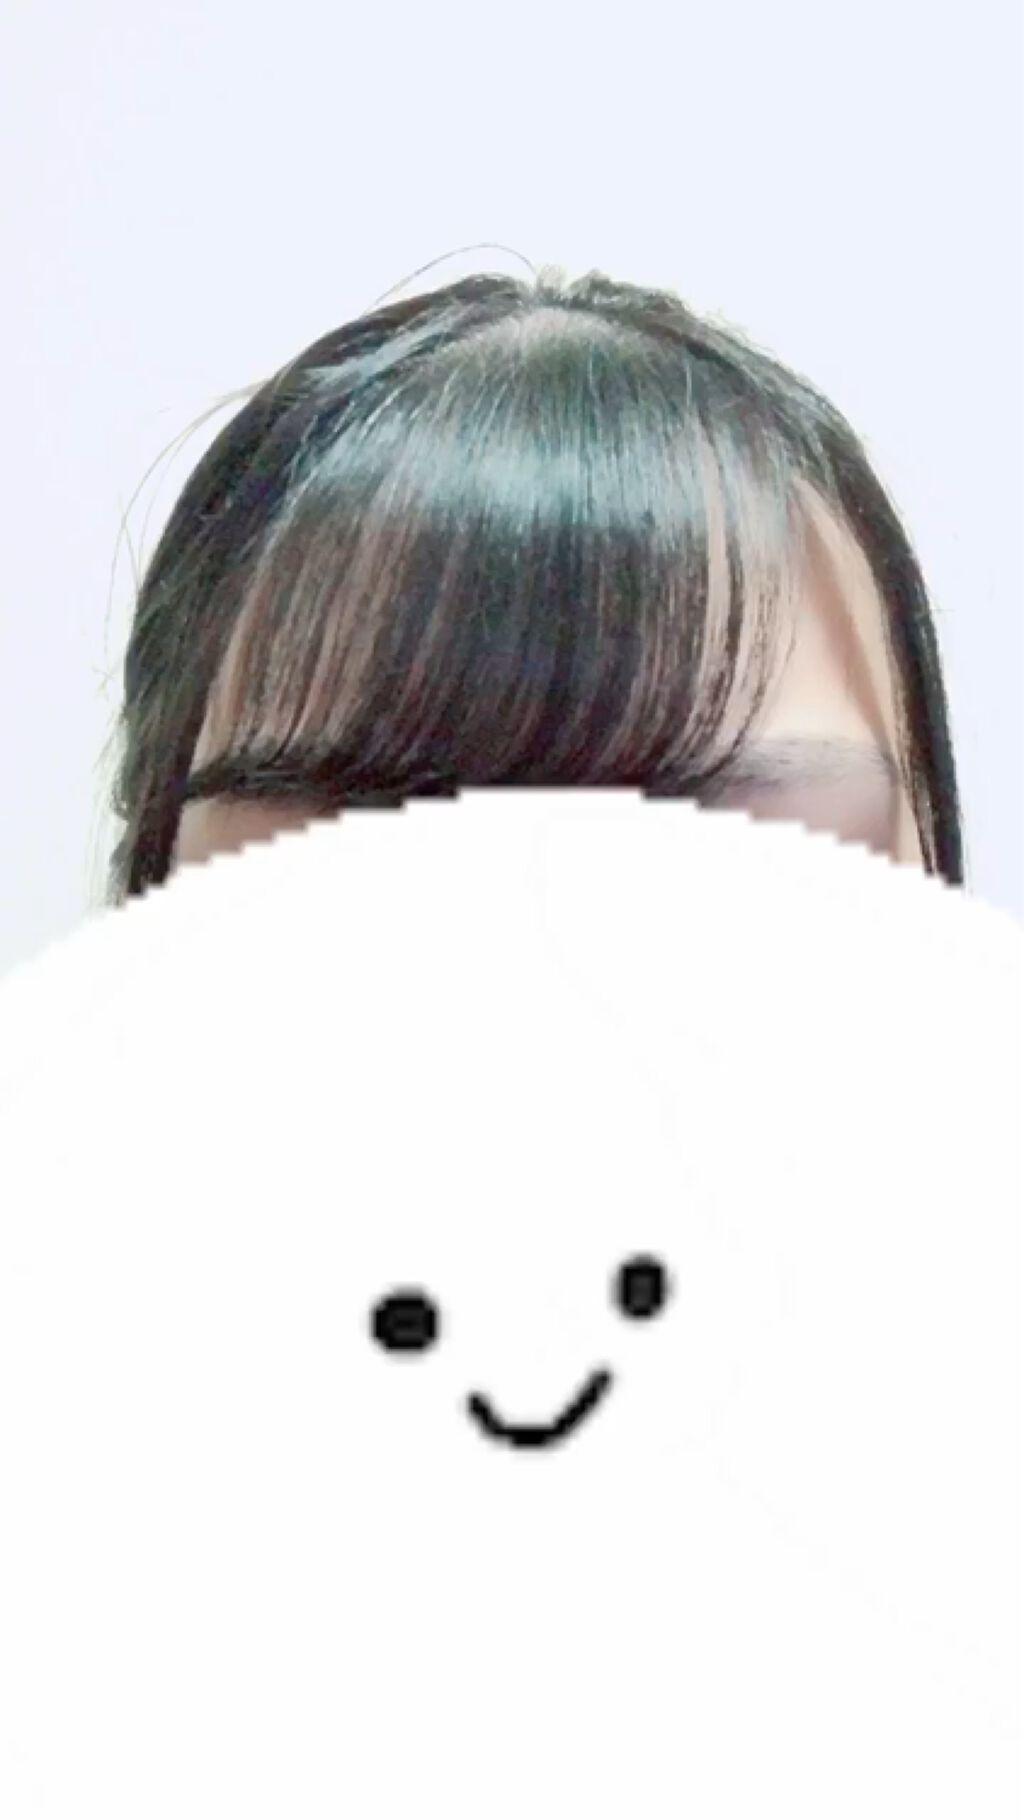 【動画付きクチコミ】ダイソーで売っている前髪カーラー。個人的な意見ですが、アイロンの巻が取れた時に使うのが効果的です。他のカーラーに比べ、緩やかな曲線で自然な巻き具合になります。とてもおすすめなので使ってみてください!!#前髪カーラー